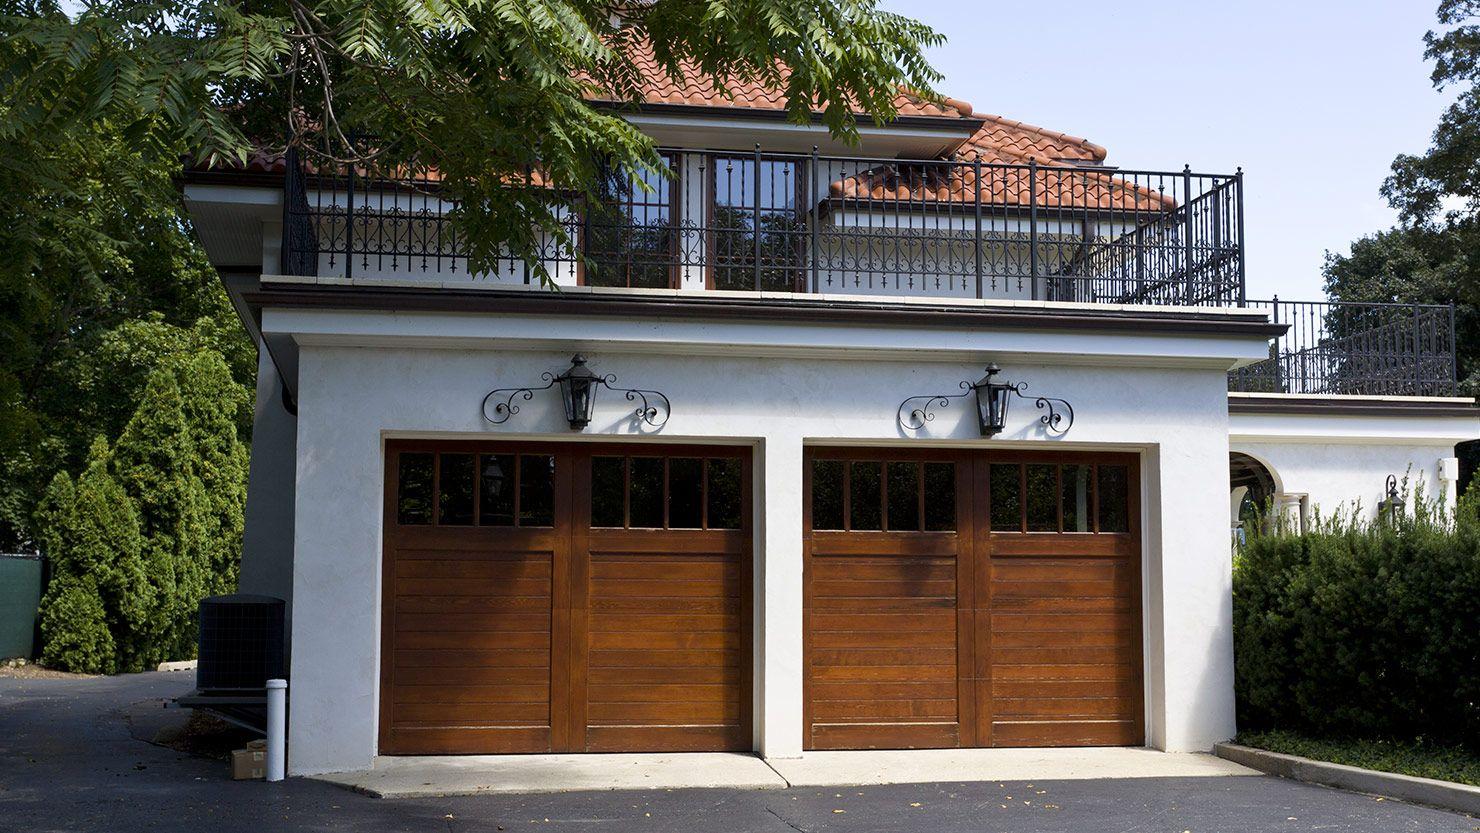 Custom Garages Garage Door Design Patio Roof Flat Roof